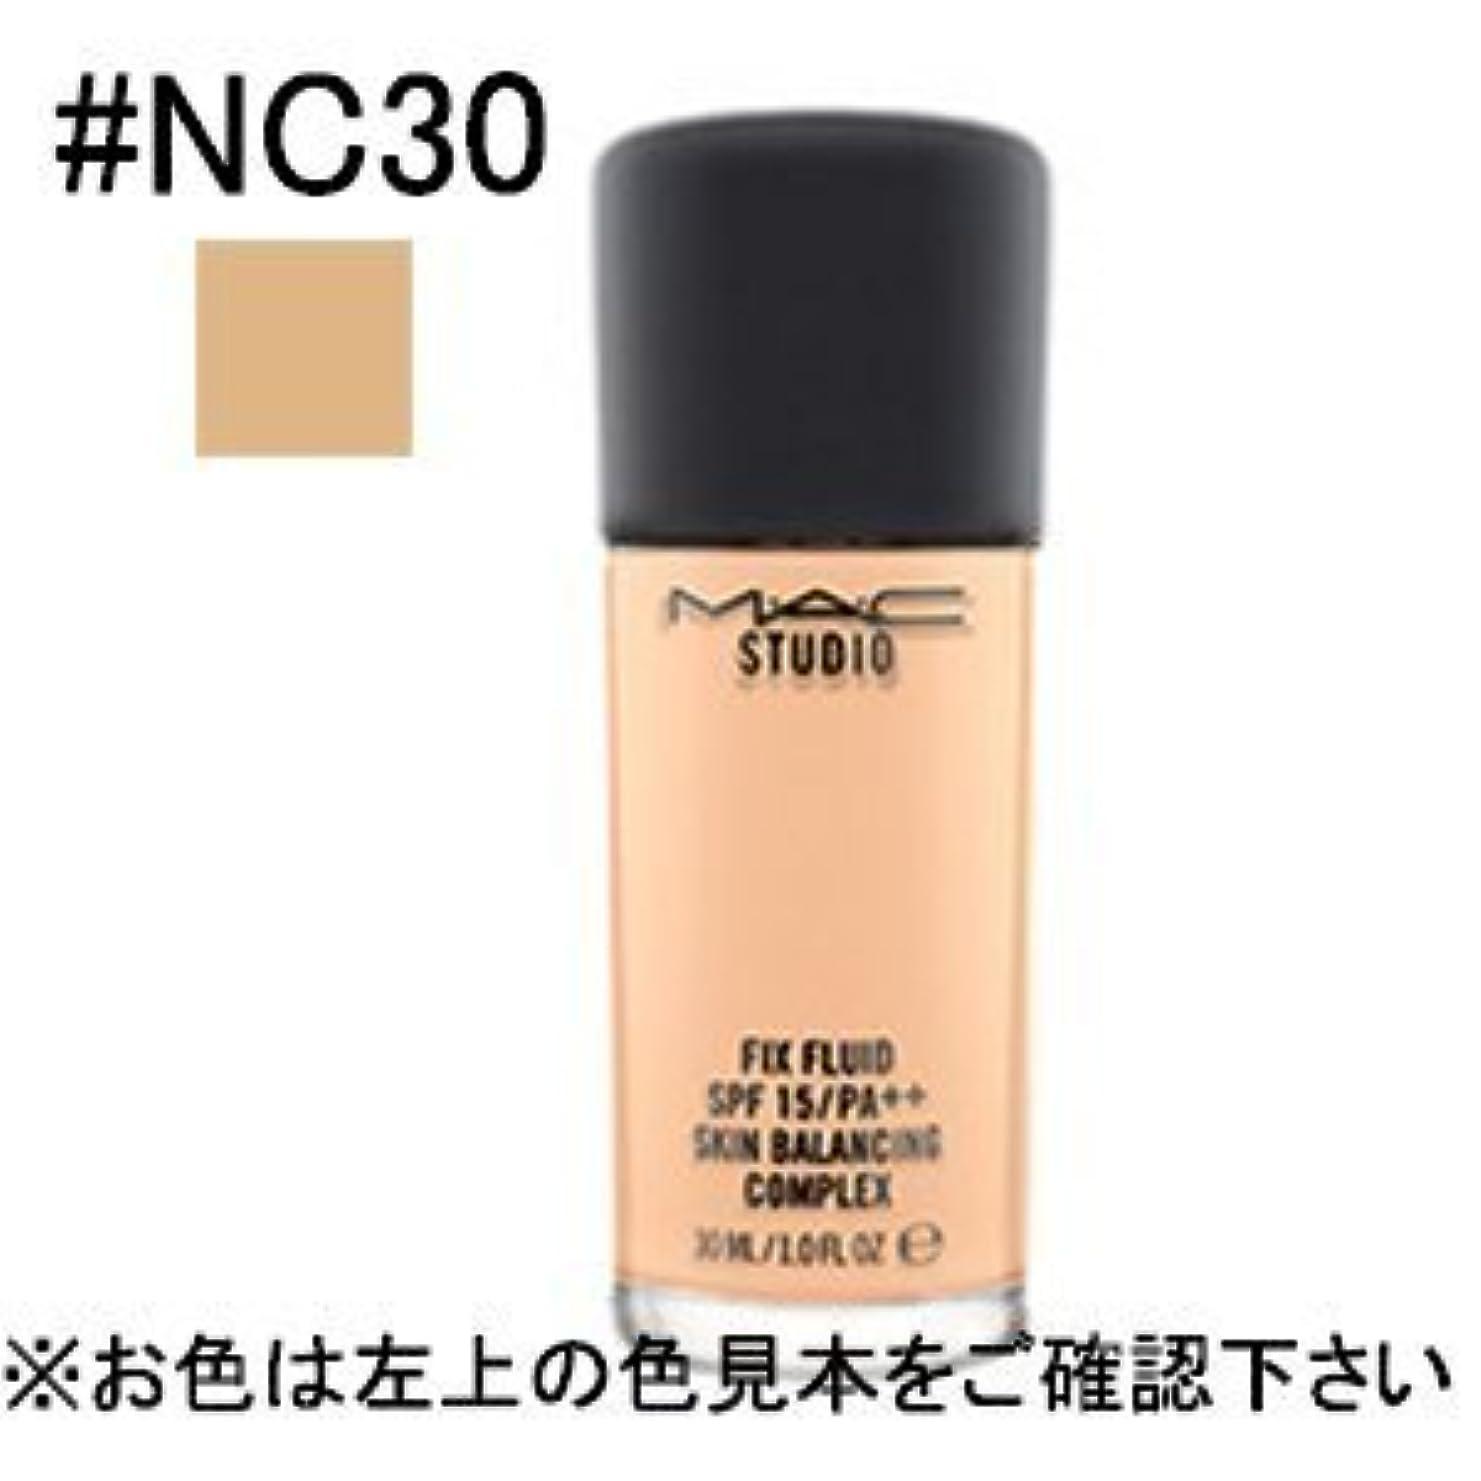 【MAC リキッドファンデーション】スタジオ フィックス フルイッド #NC30